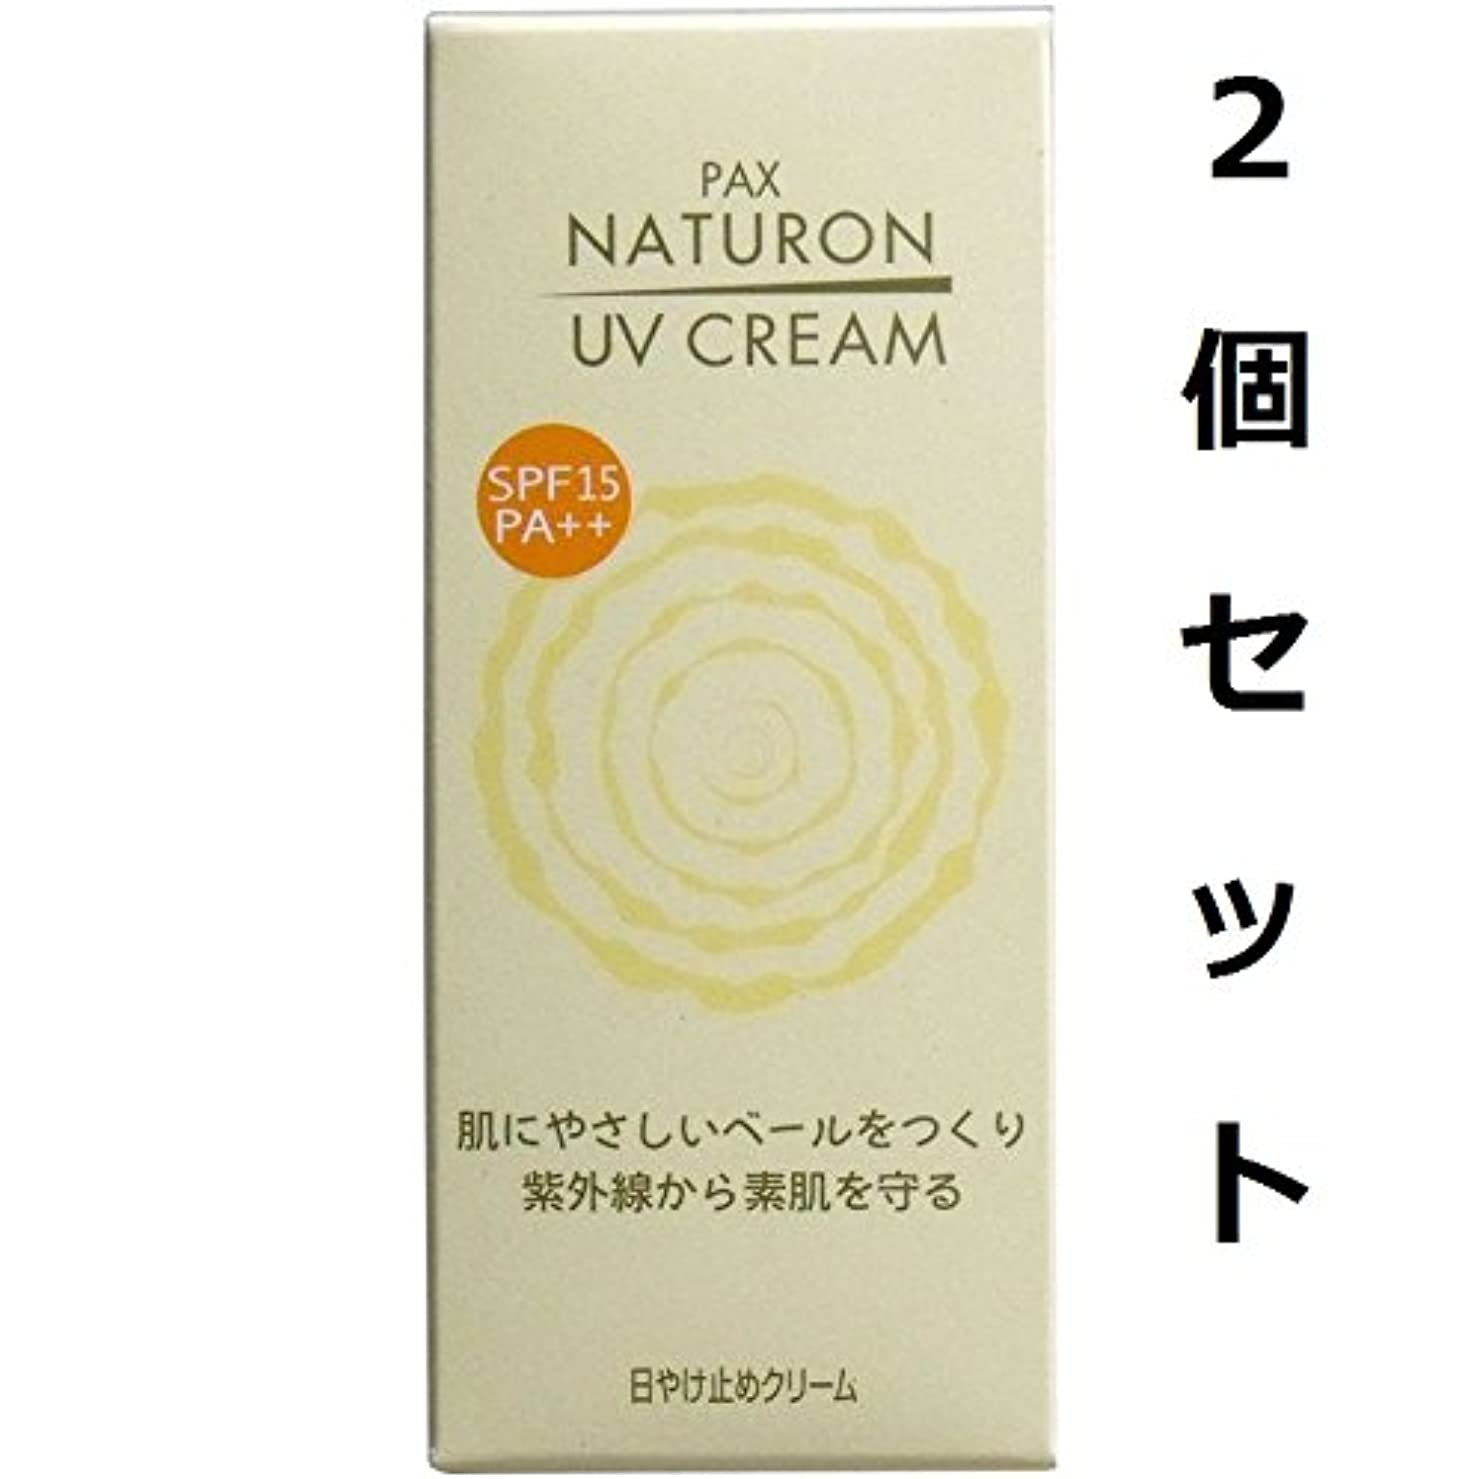 香りメナジェリーギャングスター合成の紫外線吸収剤 パックスナチュロン UVクリーム 日やけ止めクリーム 45g 2個セット